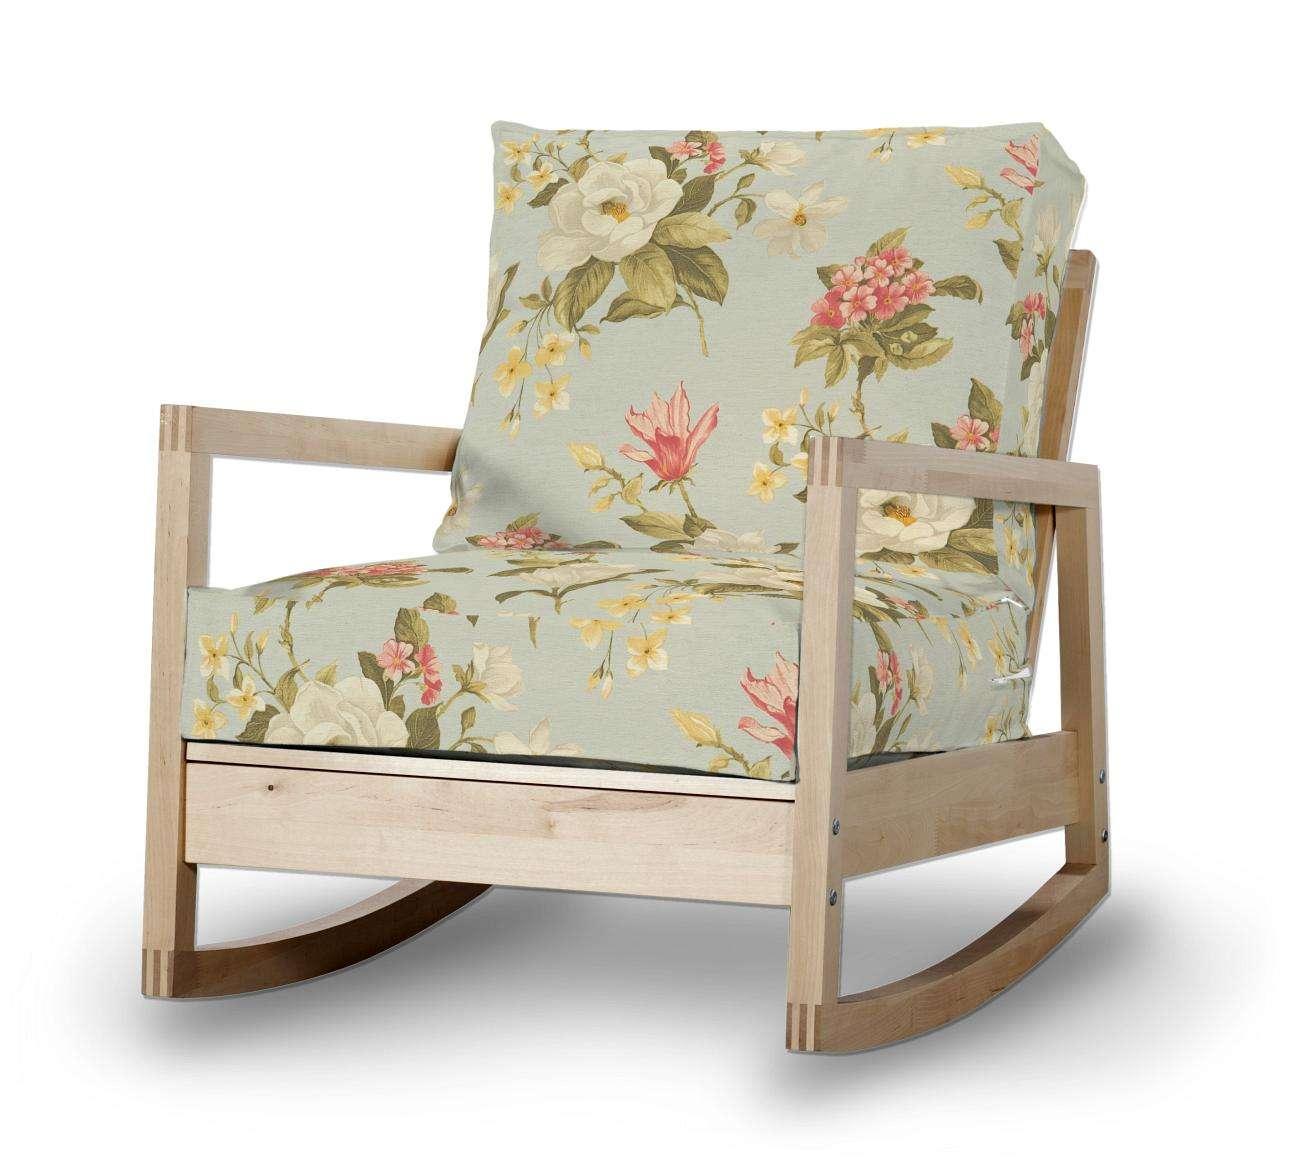 LILLBERG fotelio užvalkalas LILLBERG fotelio užvalkalas kolekcijoje Londres, audinys: 123-65